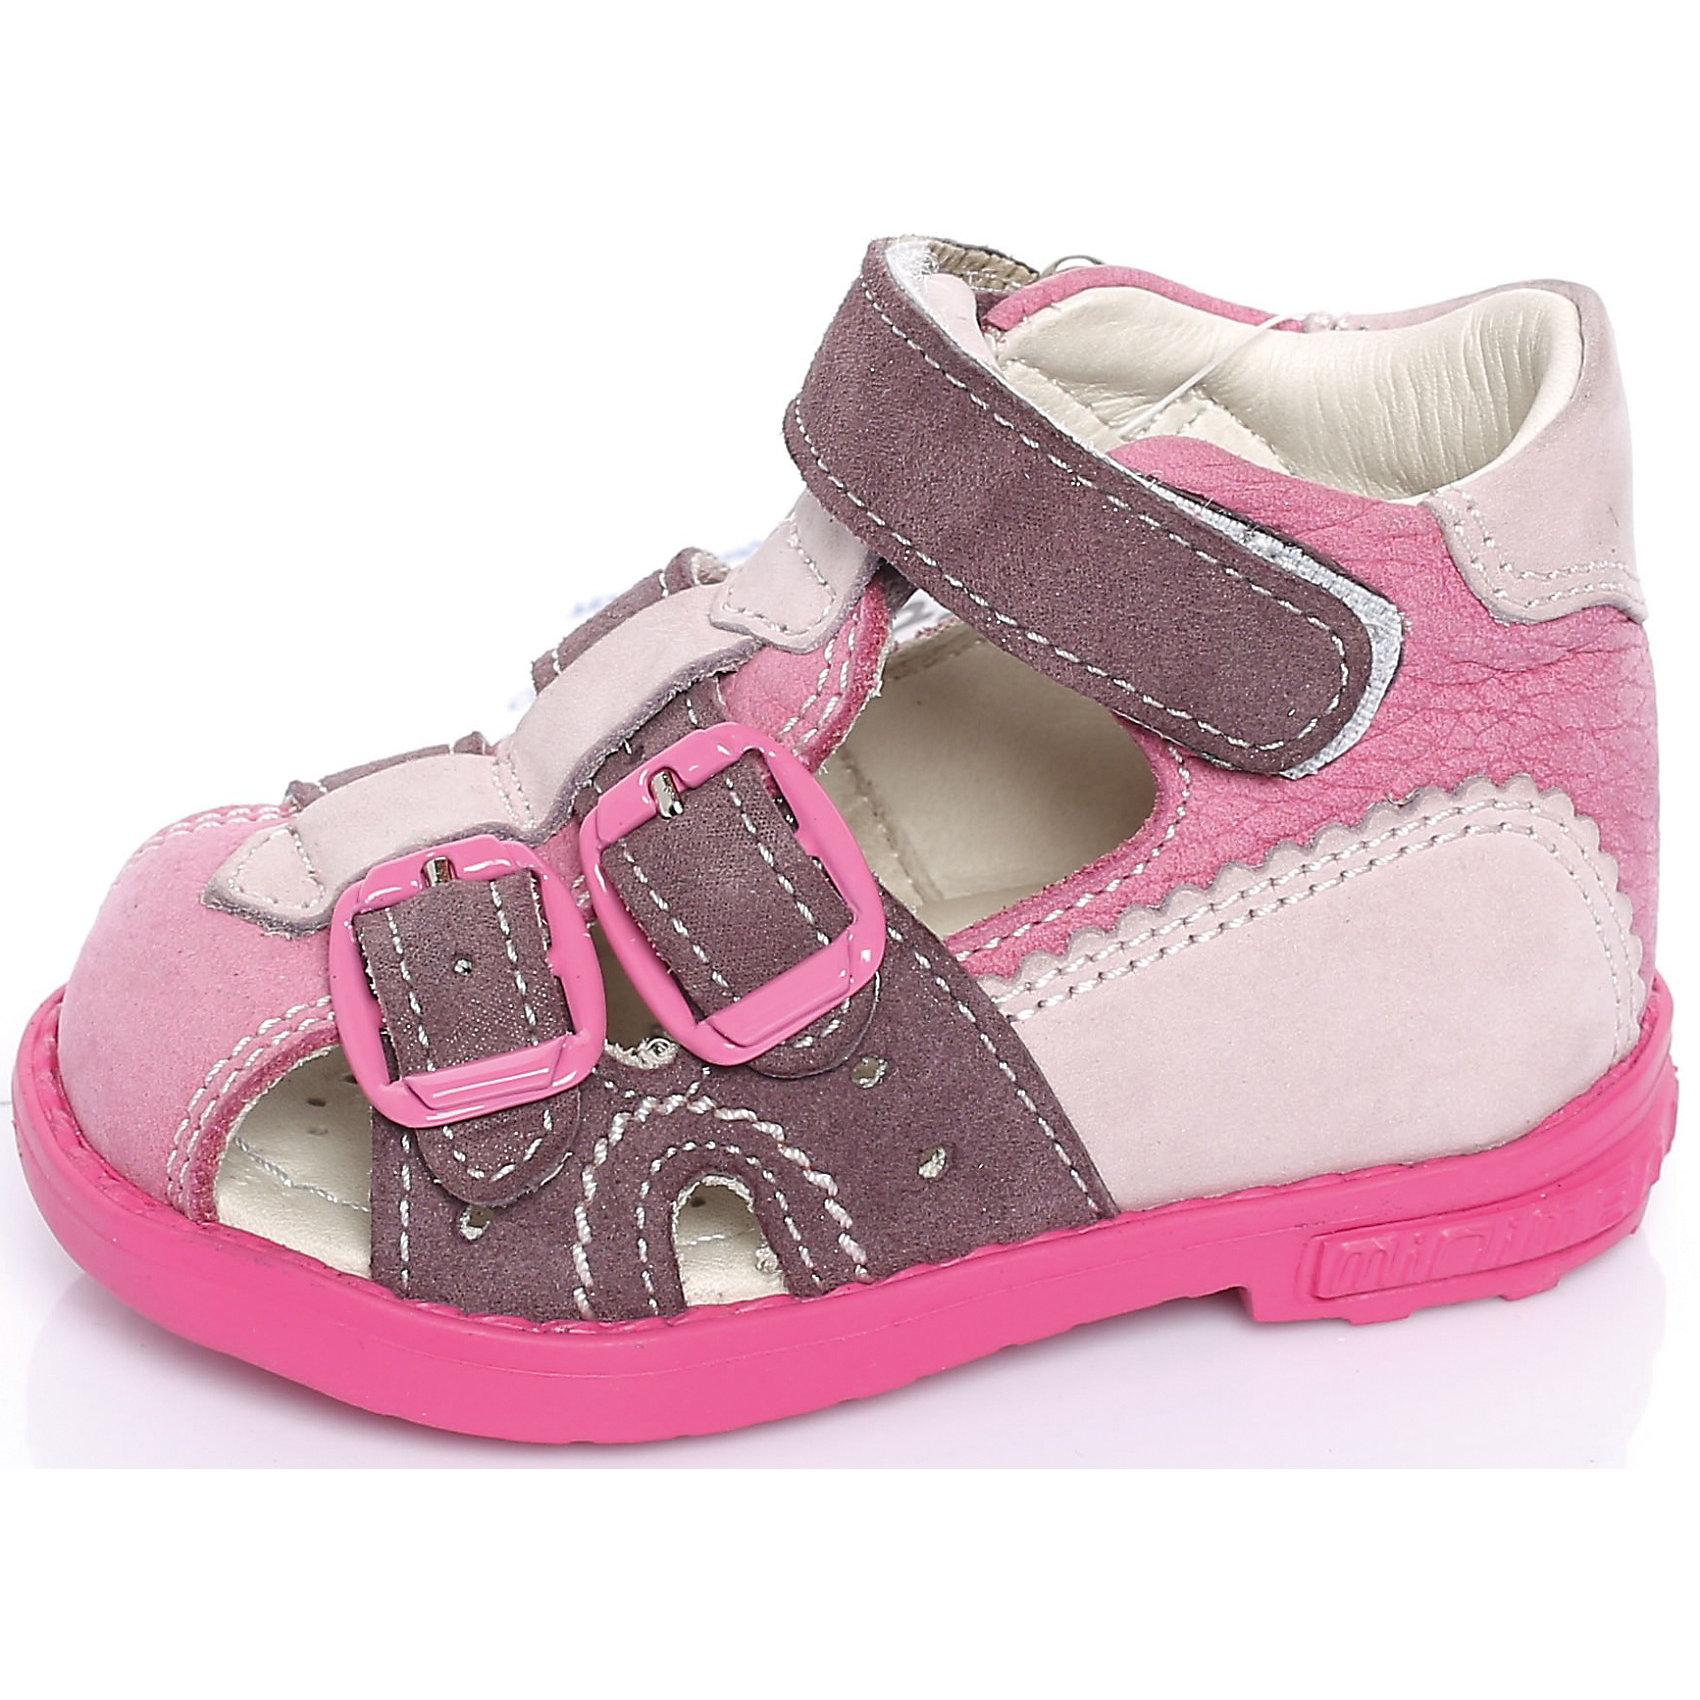 Ортопедические сандалии для девочки MinimenОртопедические экстралегкие сандалии для девочки от известной марки  Minimen на каждый день.<br>Состав:<br>Материал верха: натуральная кожа 100%; Материал подкладки: натуральная кожа 100%; Материал подошвы: EXTRALIGHT 100%<br><br>Ширина мм: 219<br>Глубина мм: 154<br>Высота мм: 121<br>Вес г: 343<br>Цвет: розовый<br>Возраст от месяцев: 48<br>Возраст до месяцев: 60<br>Пол: Женский<br>Возраст: Детский<br>Размер: 28,23,30,26,27,29,24,18,19,25,22,20,21<br>SKU: 3799071